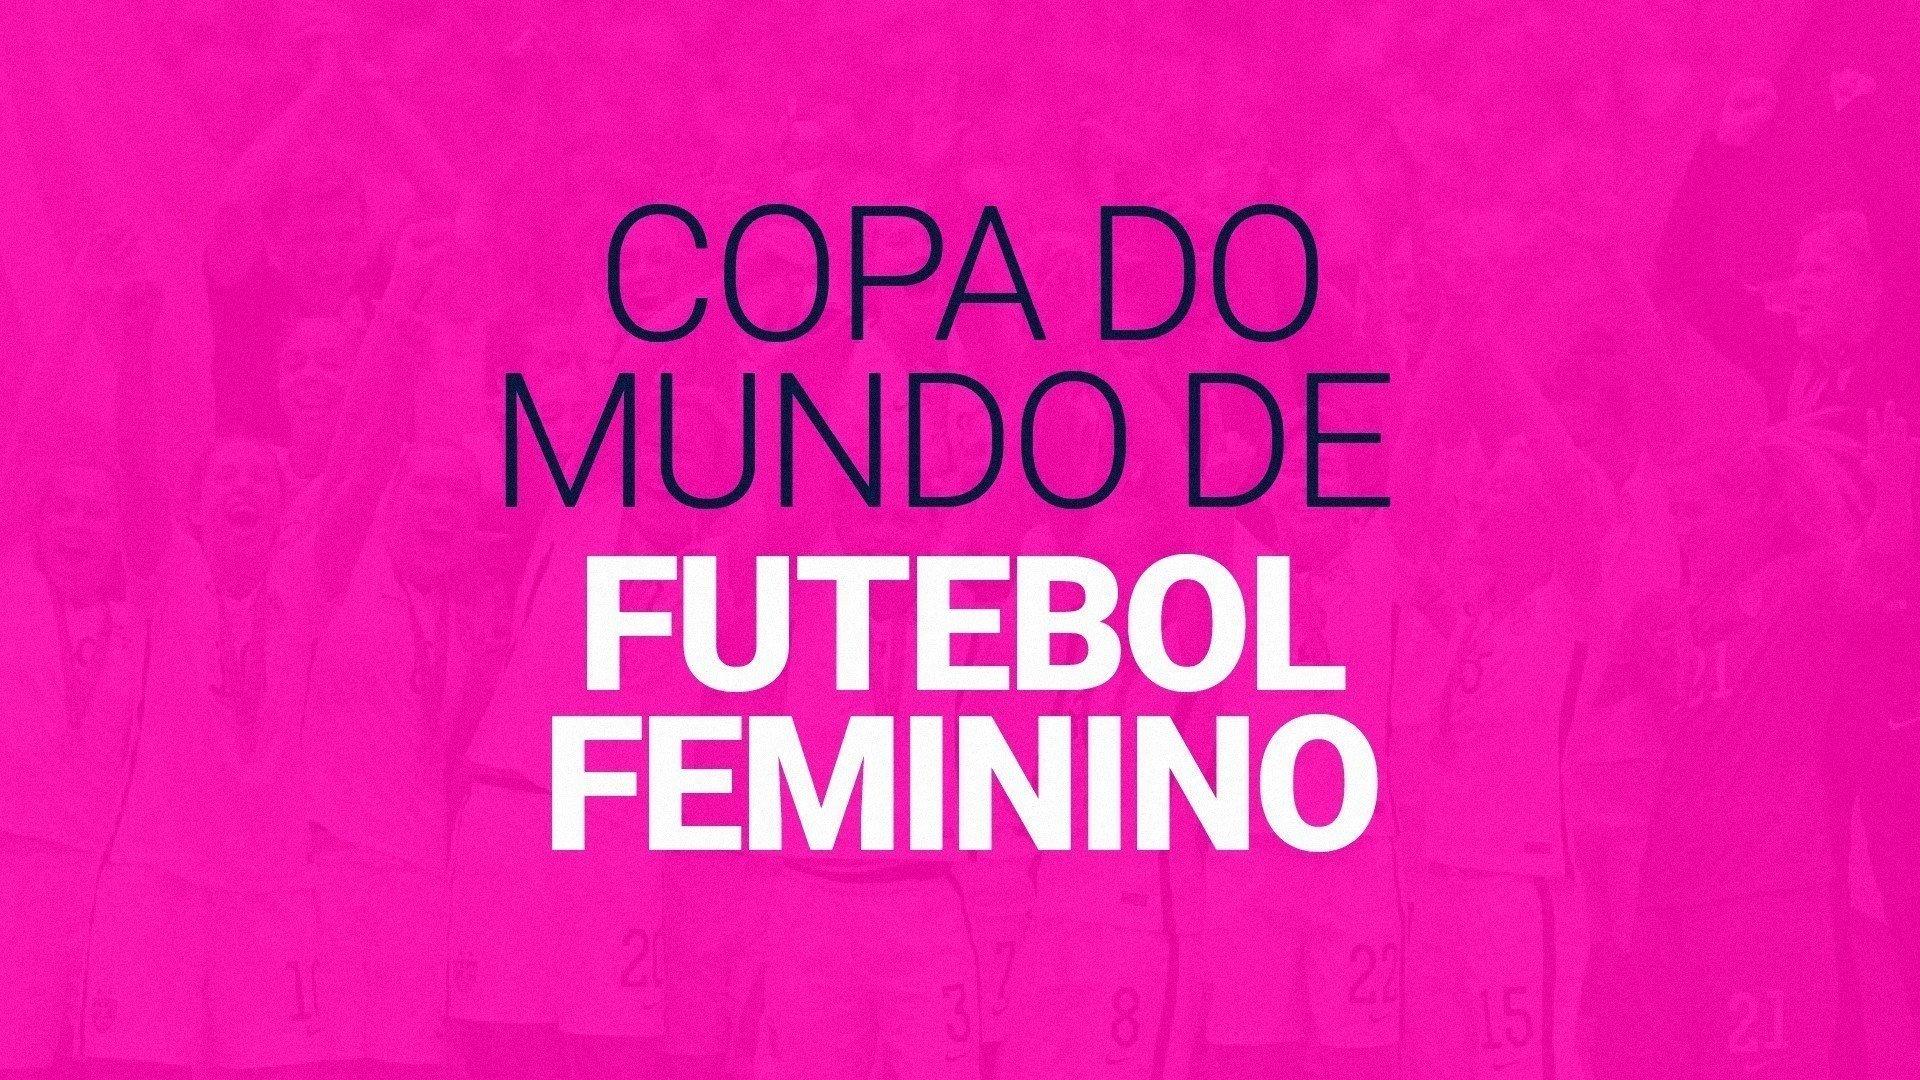 Resultado de imagem para FUTEBOL FEMININO -  COPA DO MUNDO - LOGOS